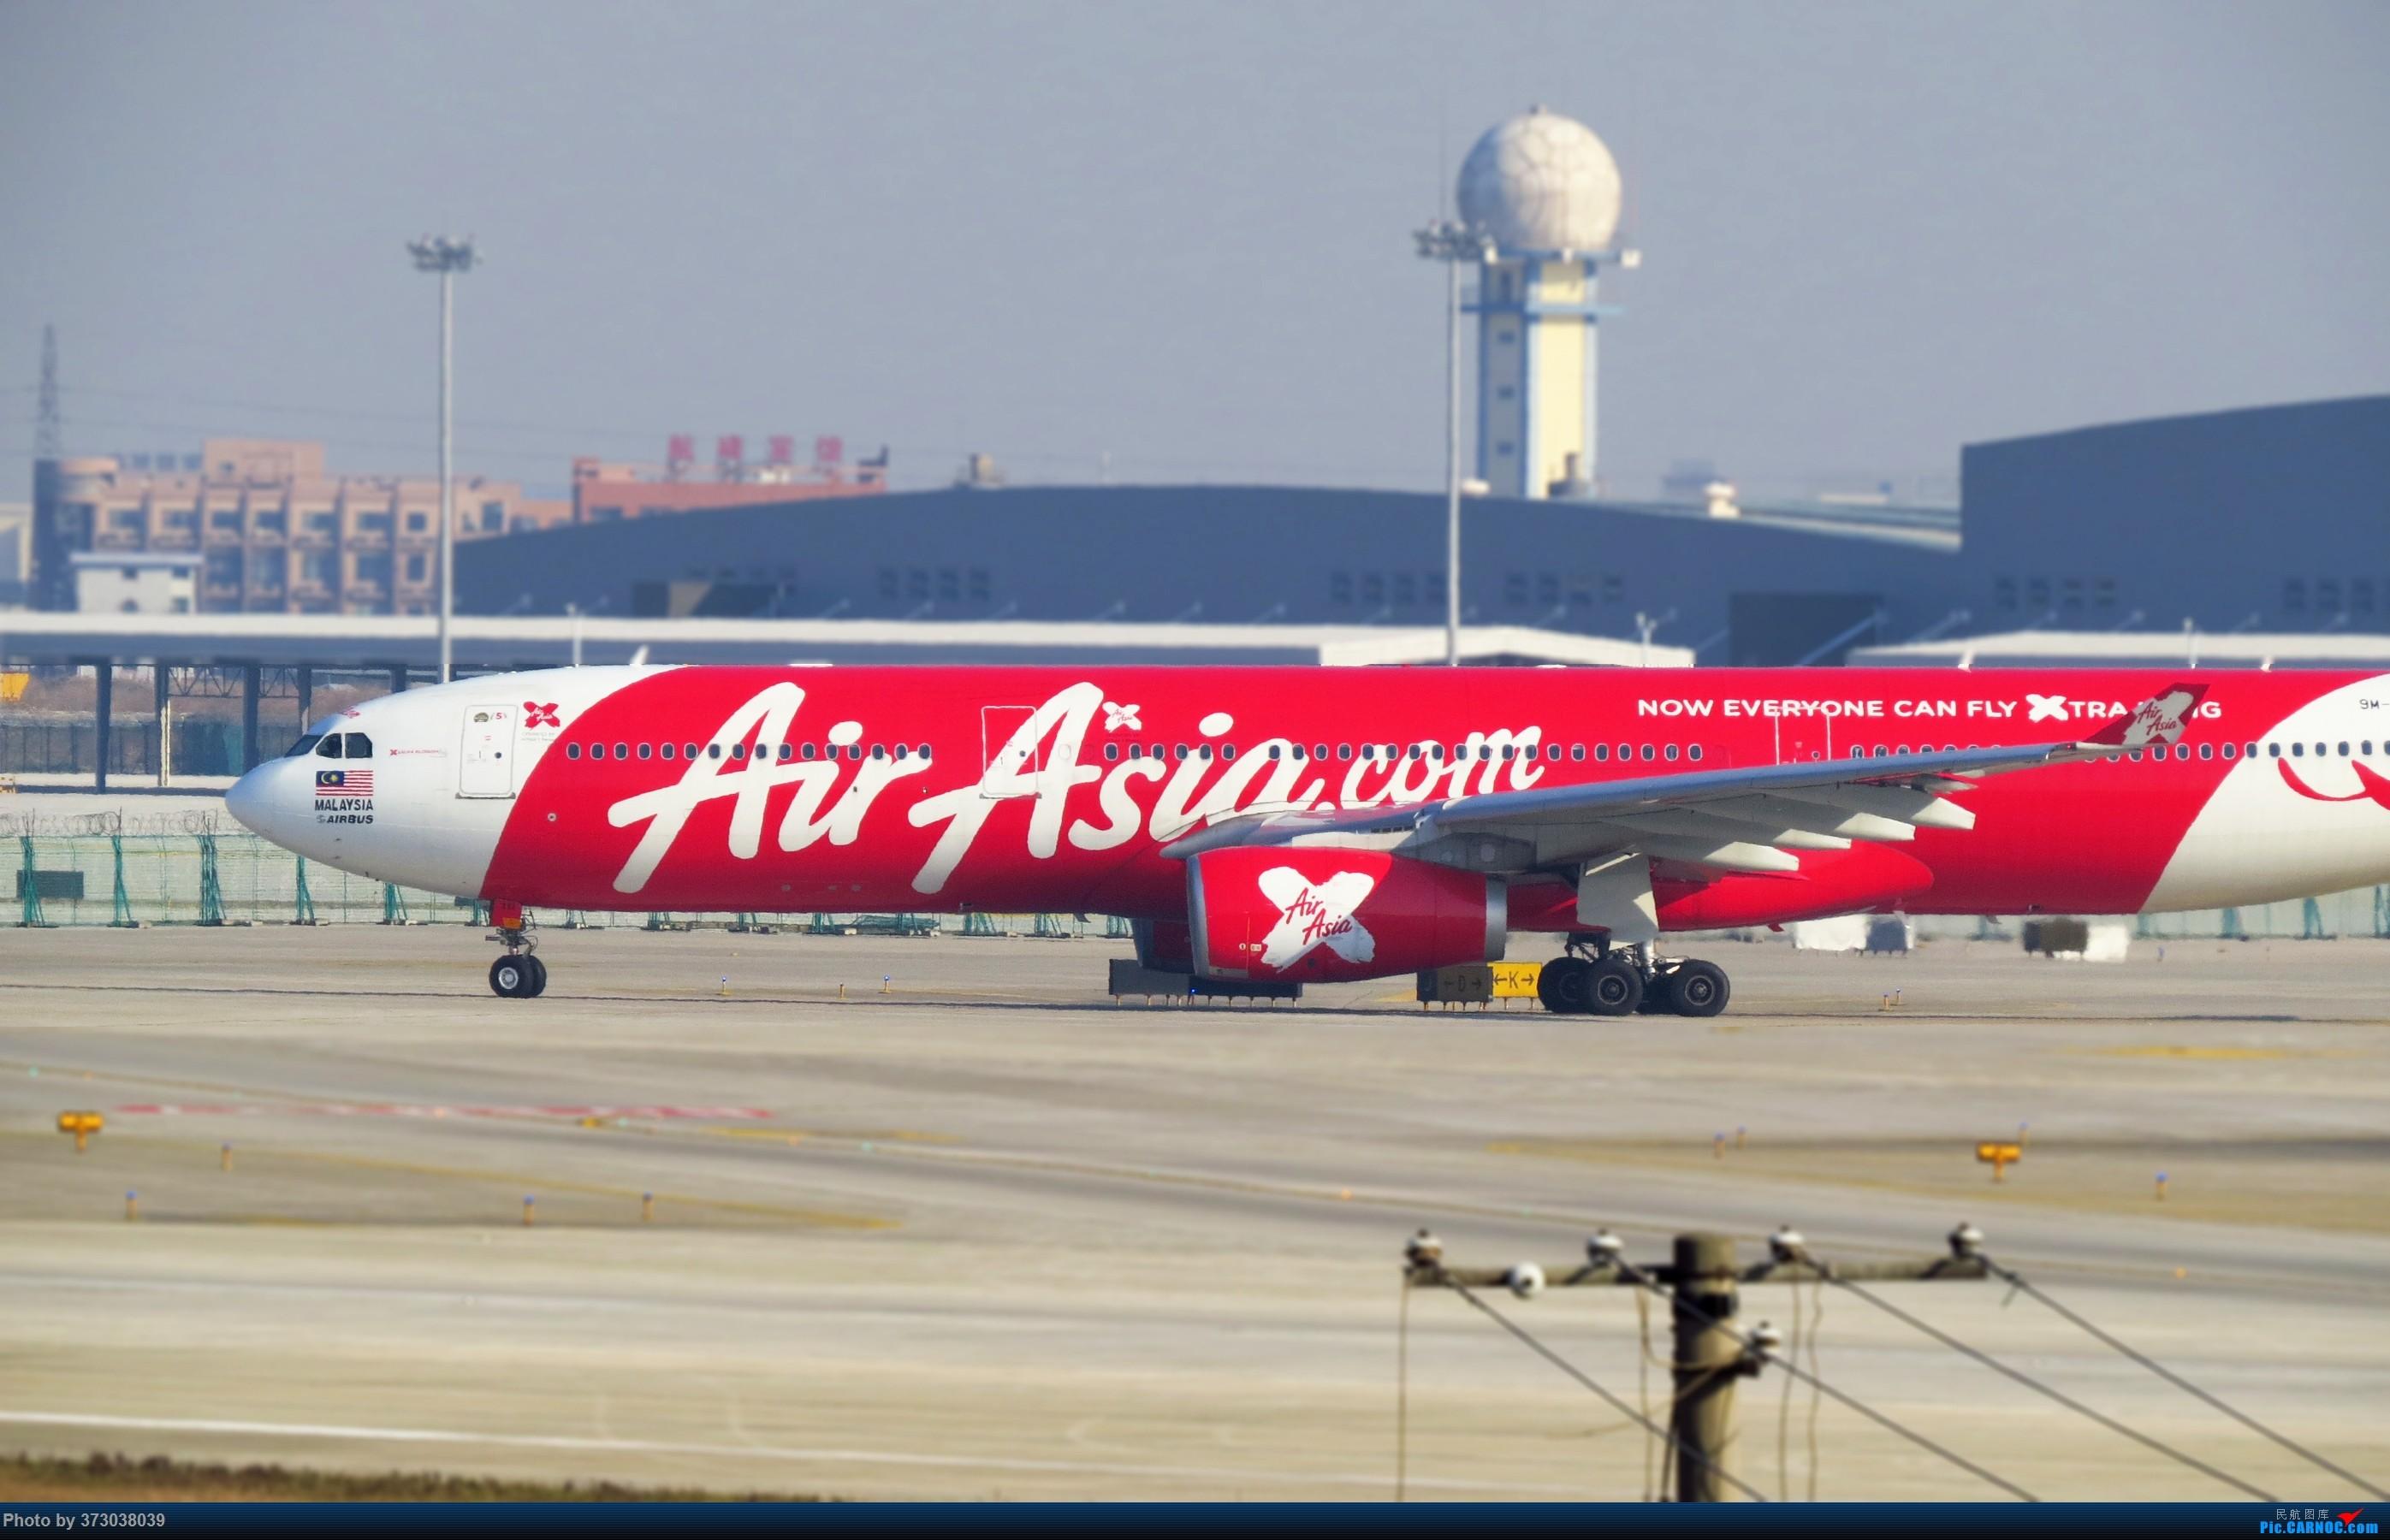 [原创]【去年今天】杭州萧山国际机场 HGH 北跑道拍机 AIRBUS A330-300 9M-XXI 杭州萧山国际机场